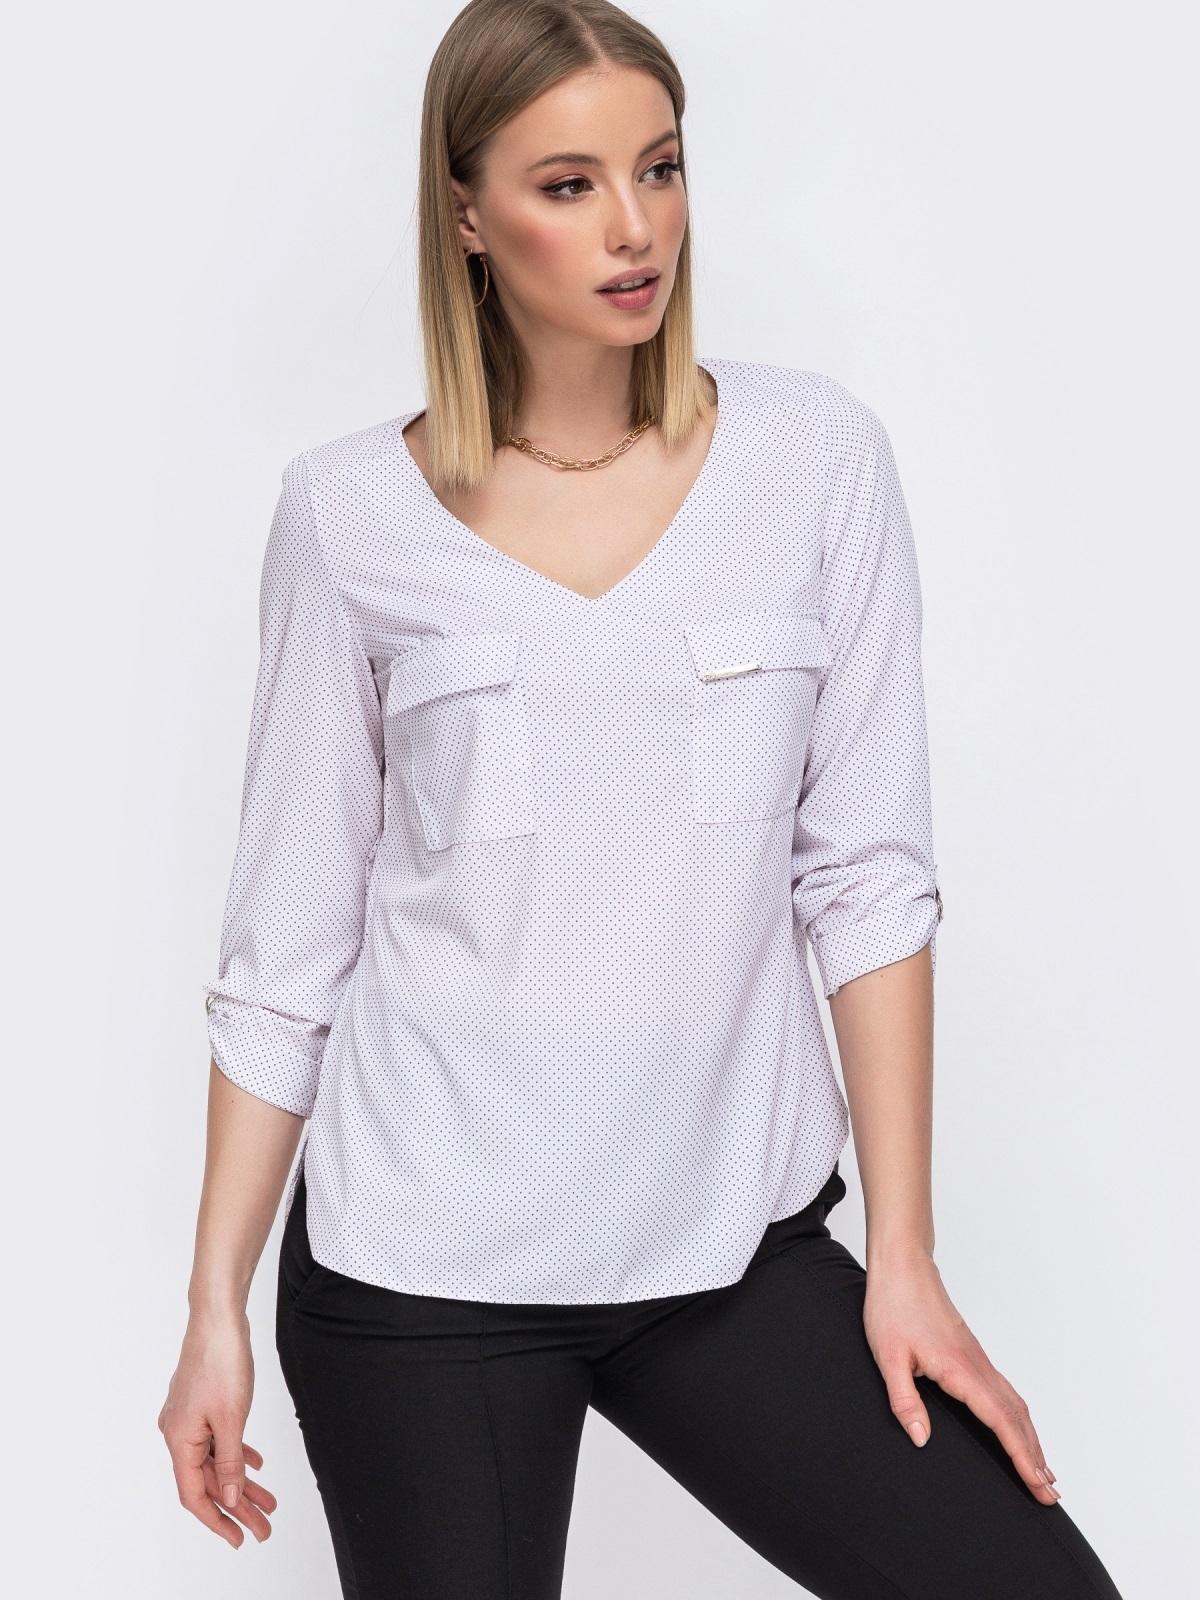 Молочная блузка с V-вырезом и накладными карманами 45577, фото 1